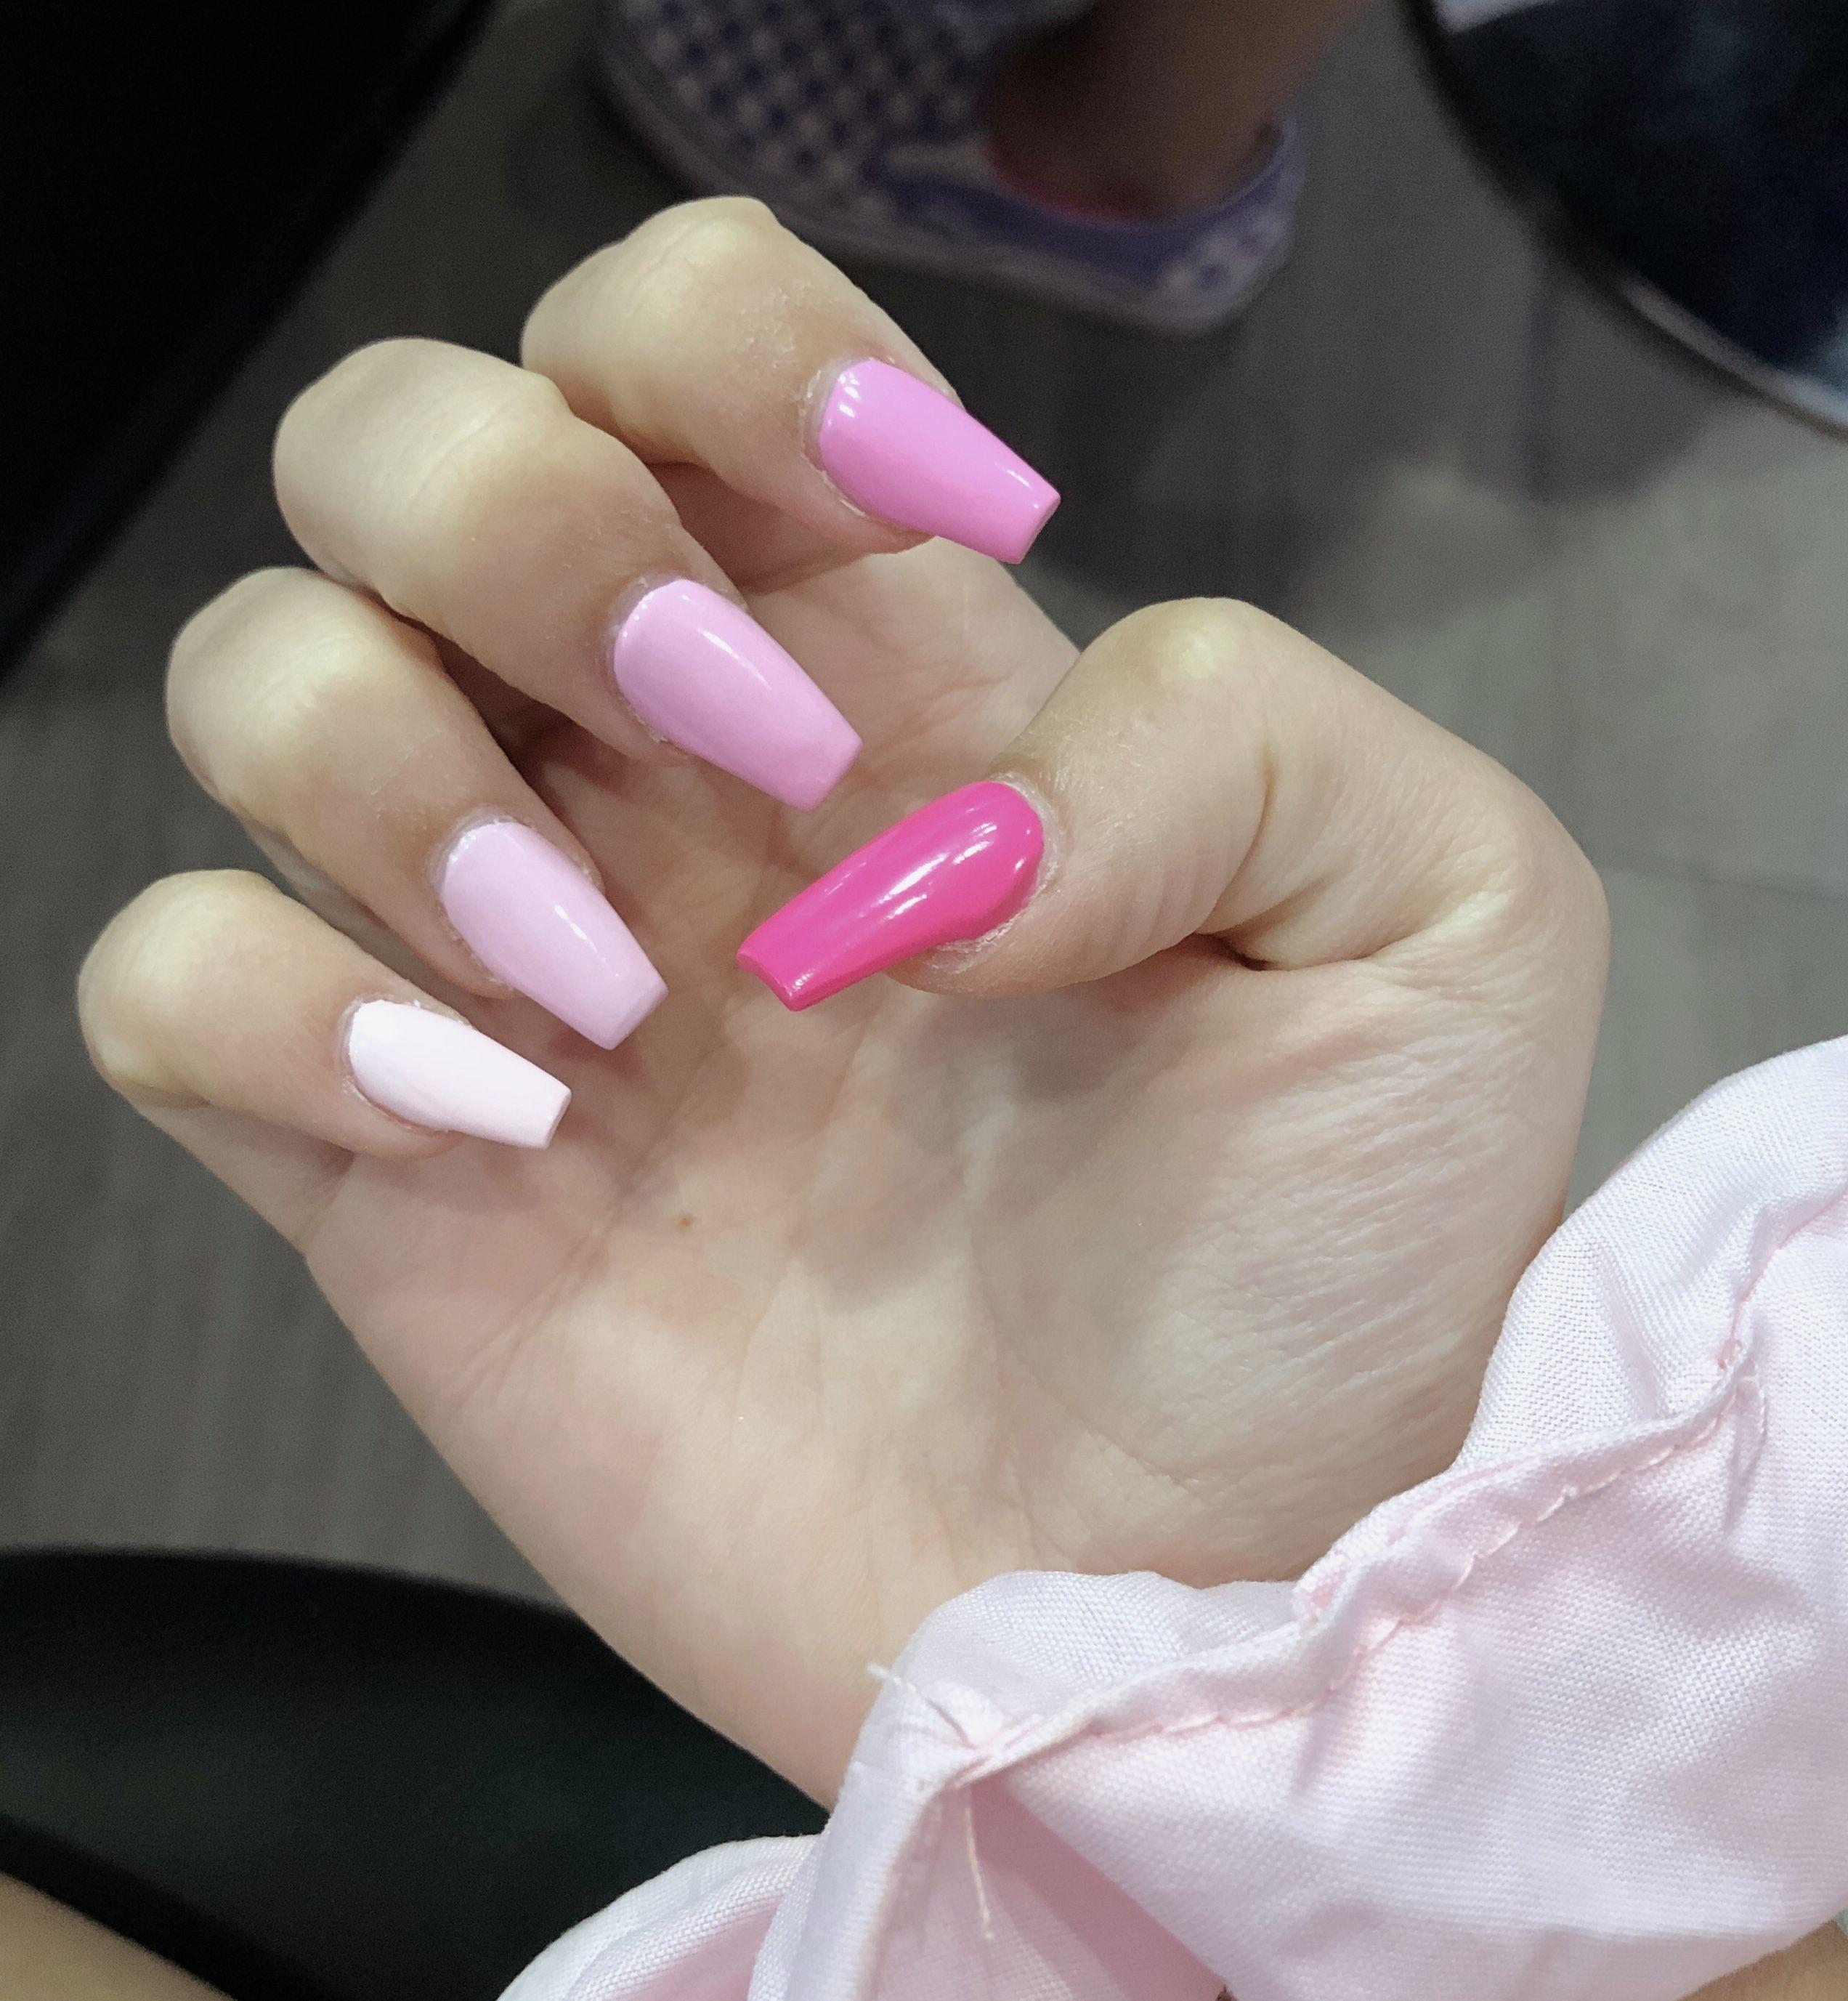 Hot pink acrylic nails | Pink acrylic nails, Acrylic nails